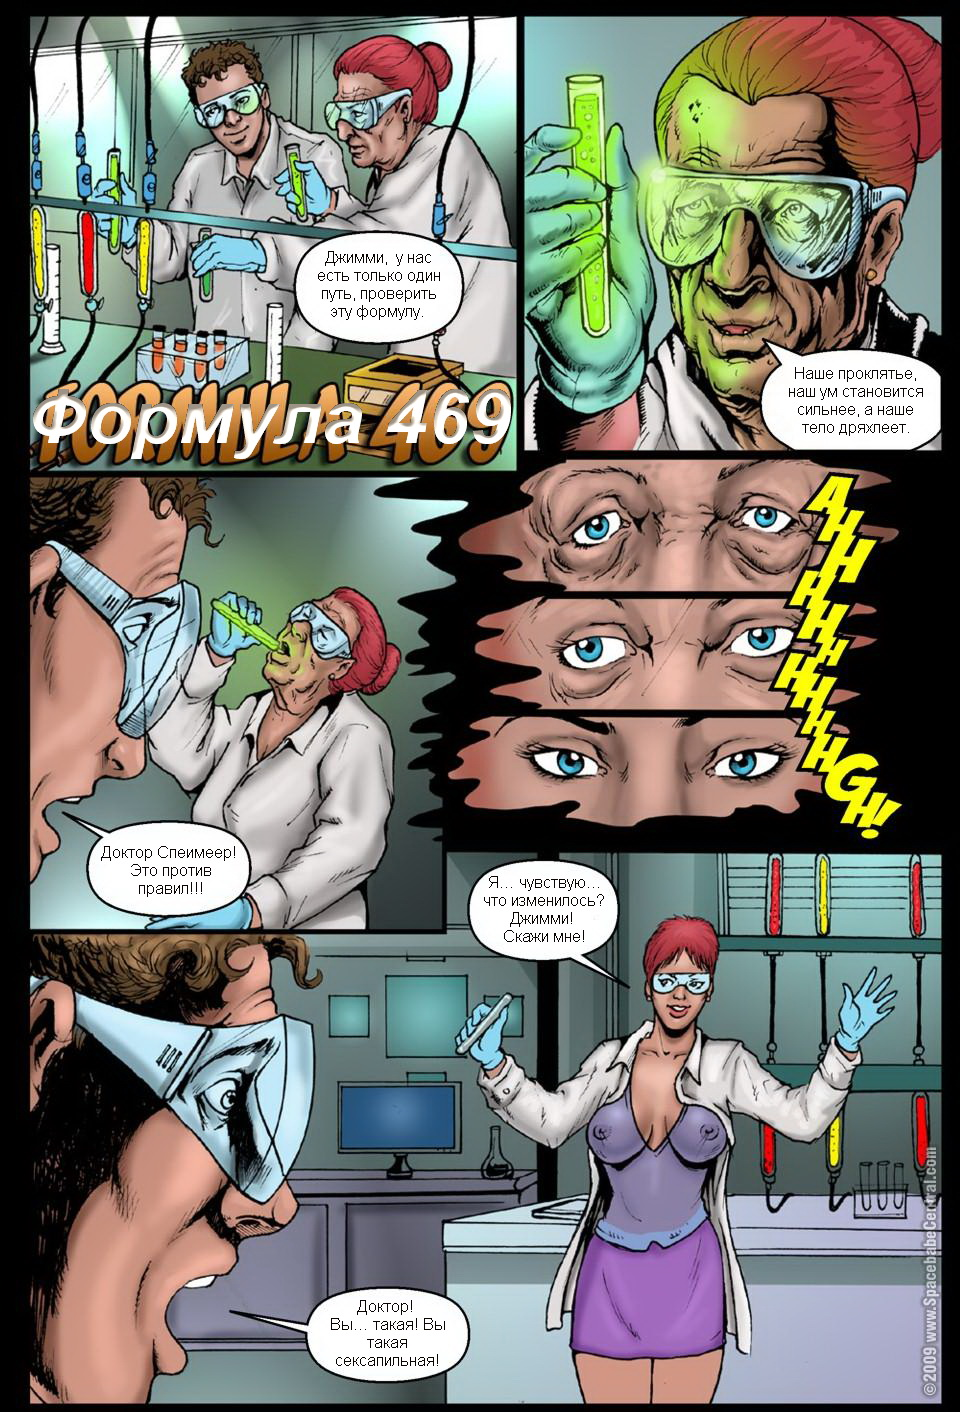 Формула 469-эротический хентай порно комикс